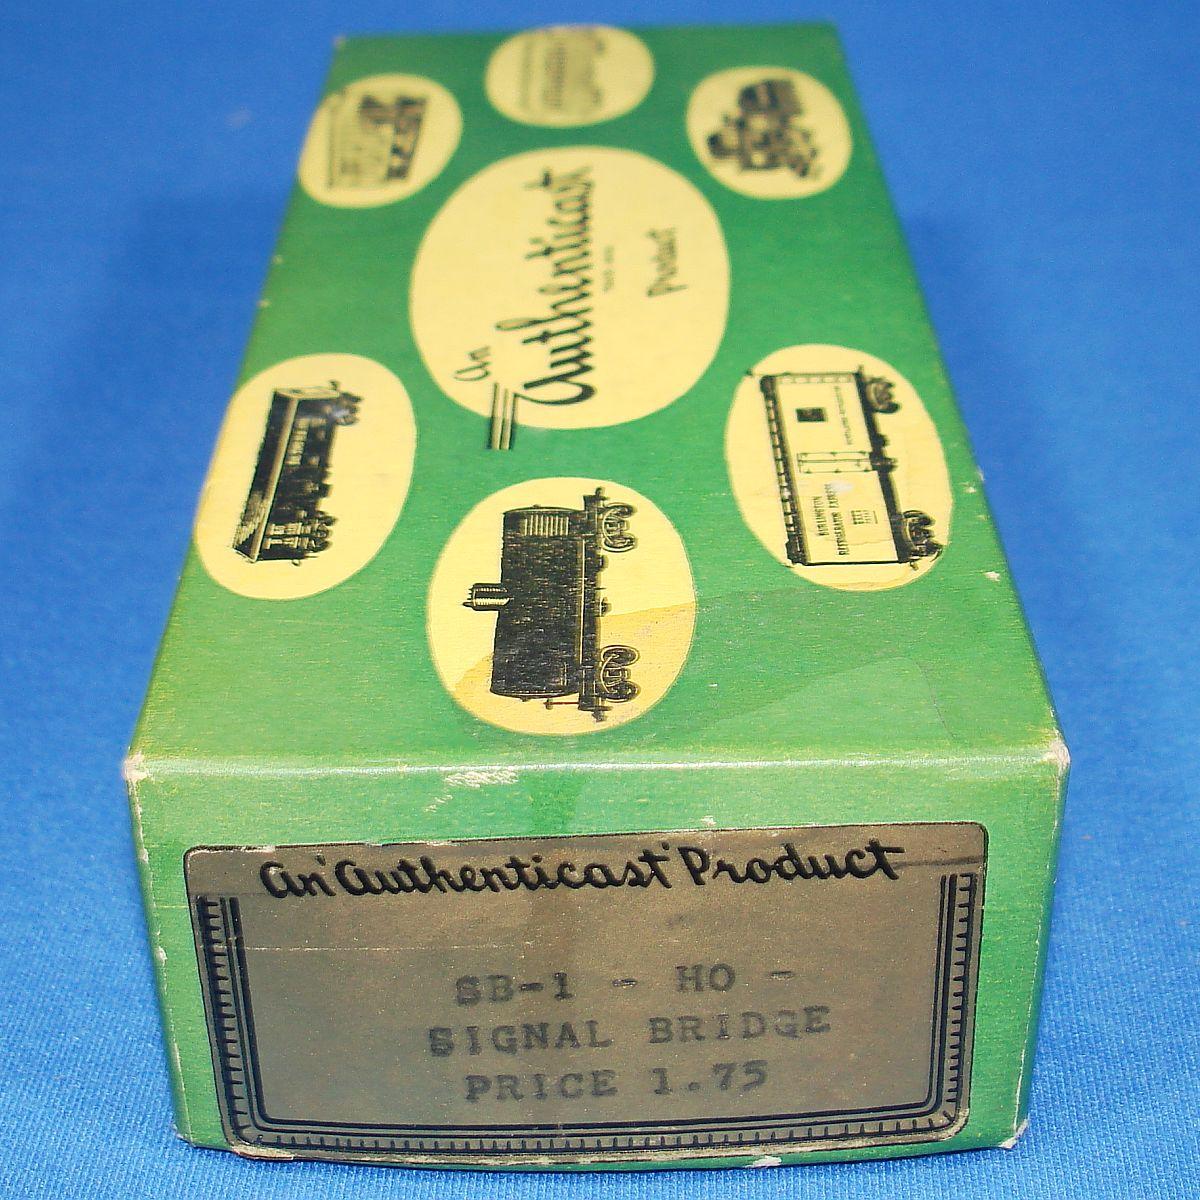 Vintage HO Gauge Comet Metal Products Authenticast Railroad Signal Bridge SB-1 Box